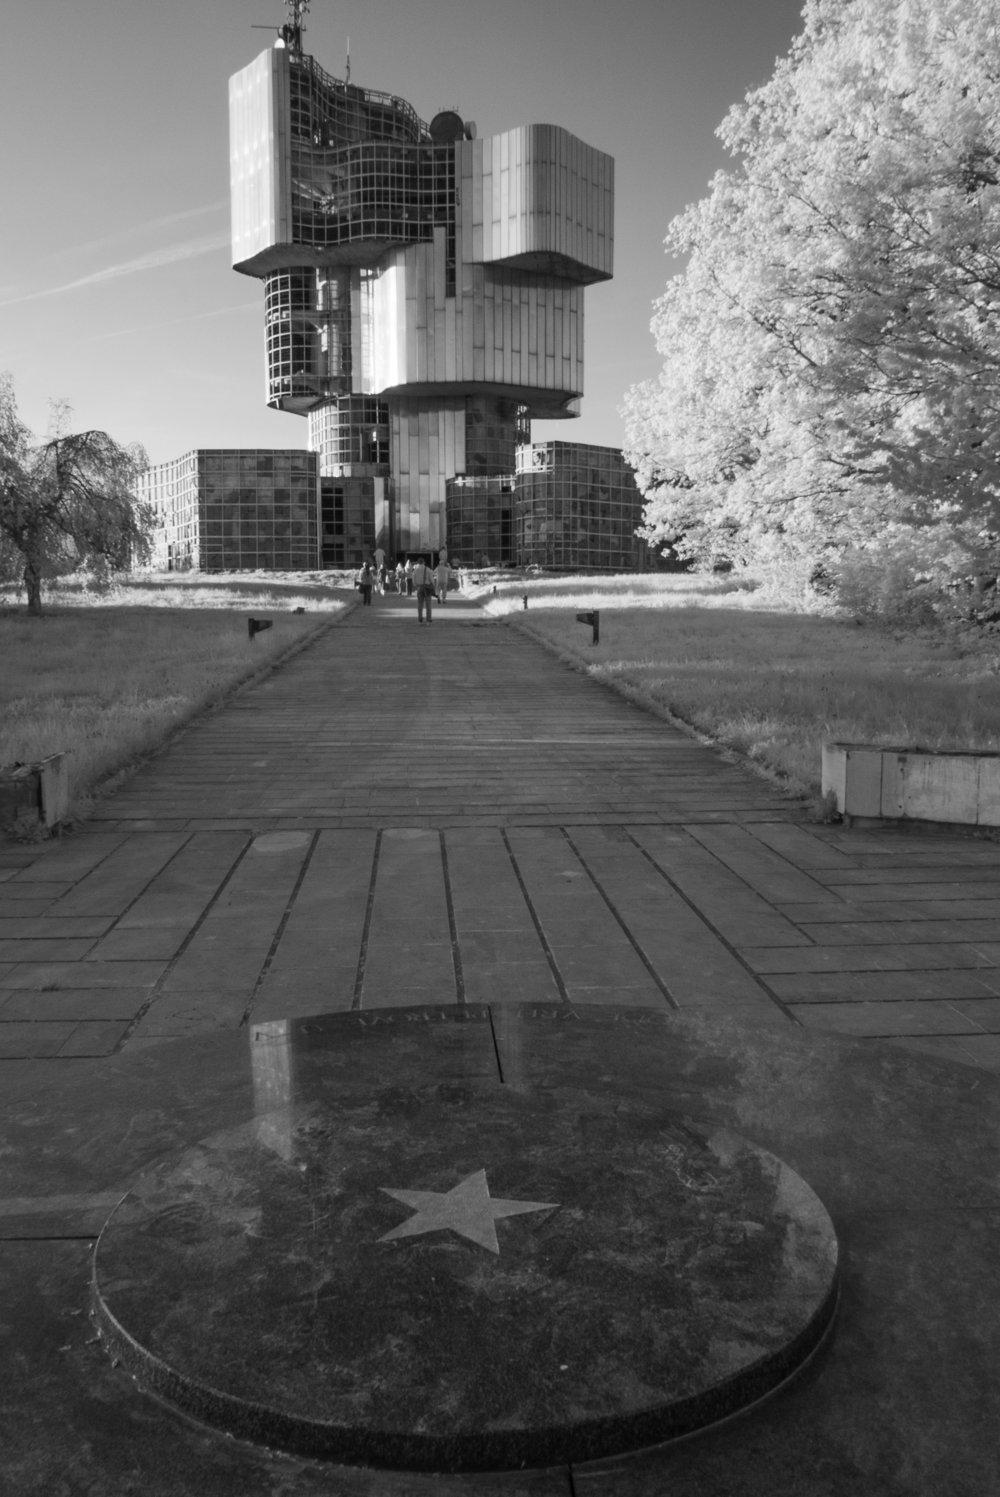 05_Petrova_Gora_Monument_674.jpg